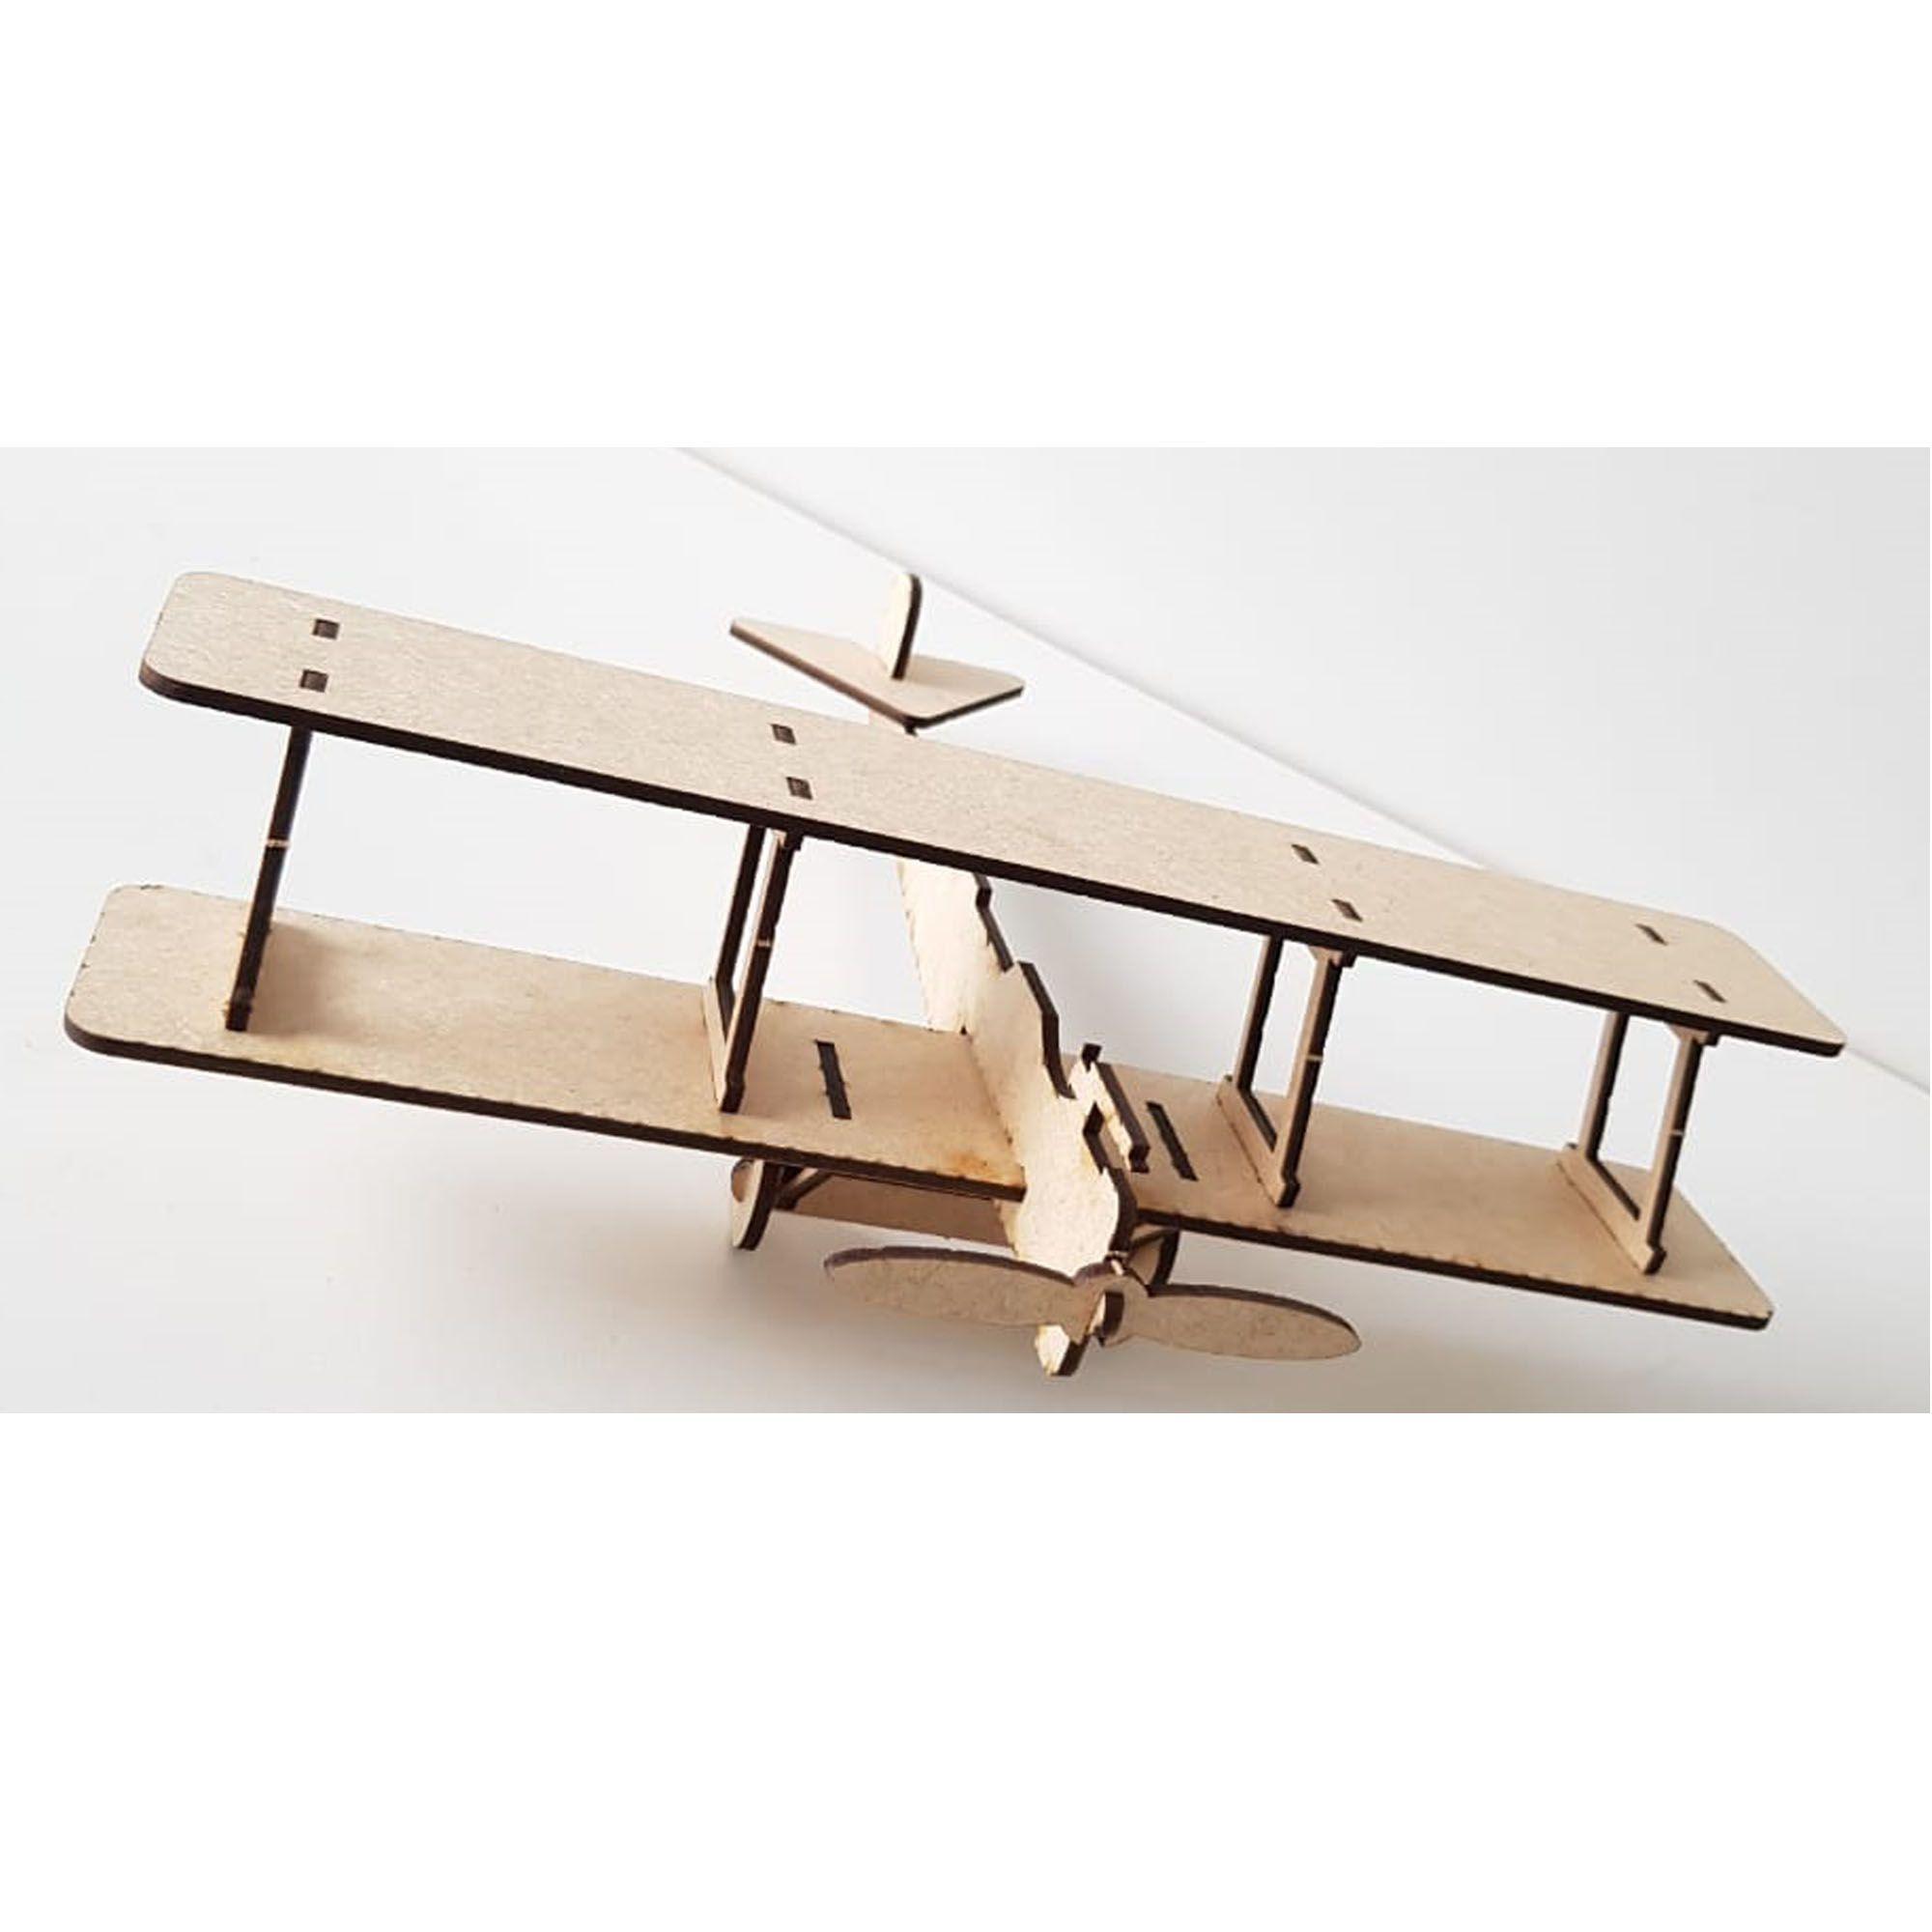 Avião Biplano Av03 para Brincar, Colecionar,  Decorar ou para Presentear como Lembrança de Aniversário